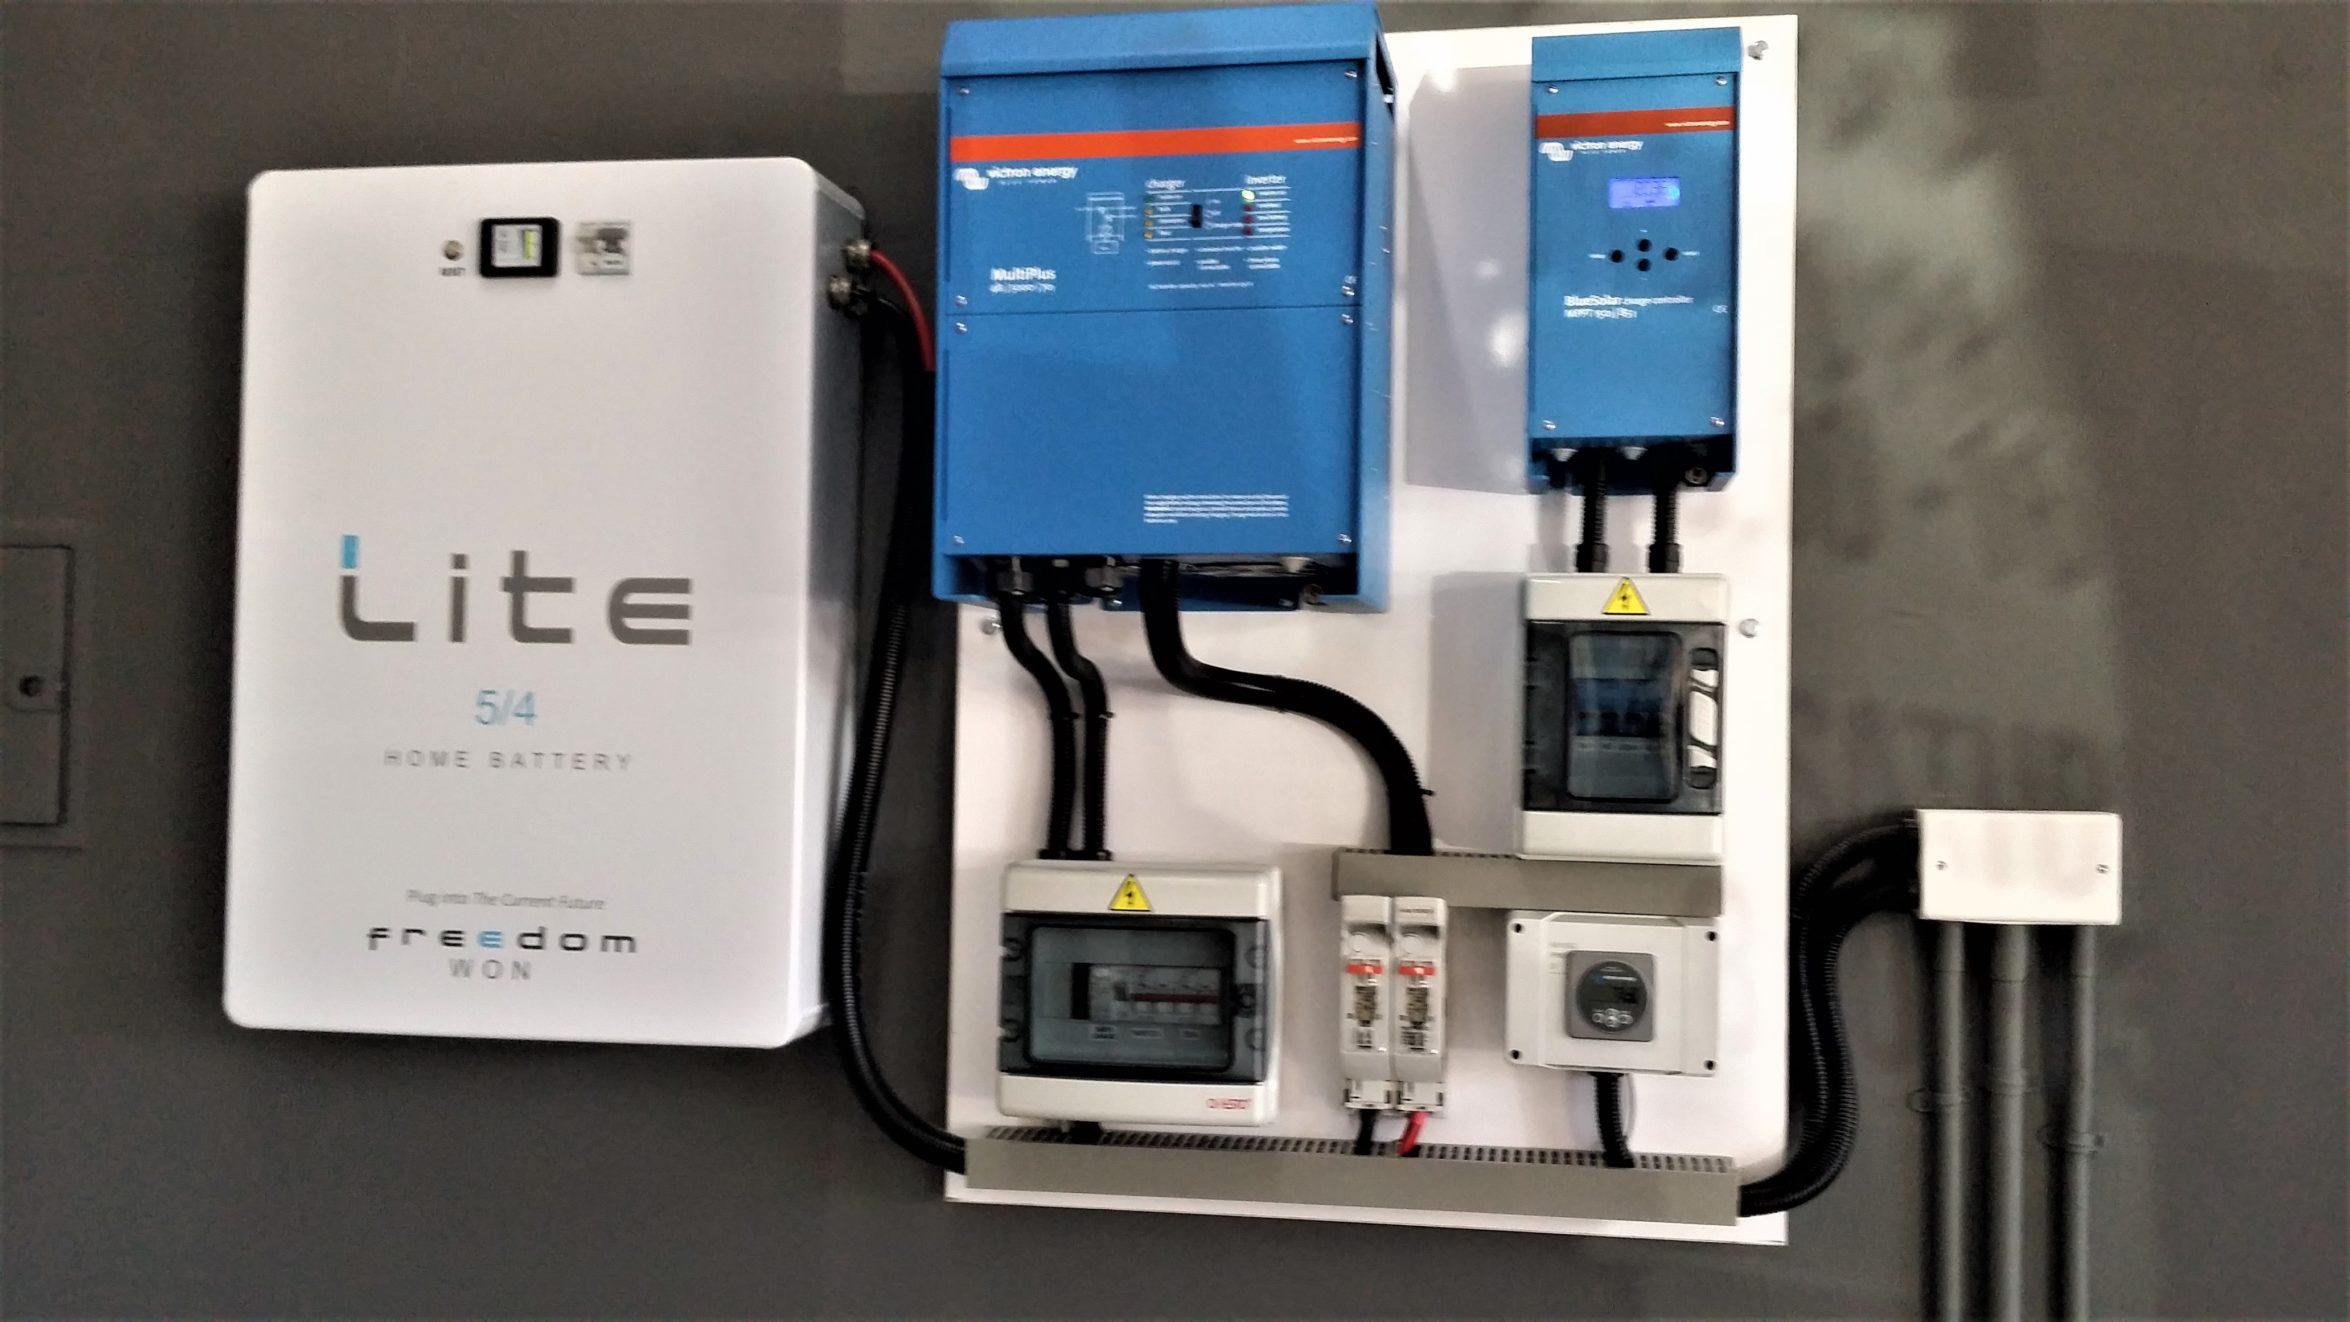 Freedomwon 5 kWh Lithium Iron Phosphate batteryby Remeredzai Kuhudzai.